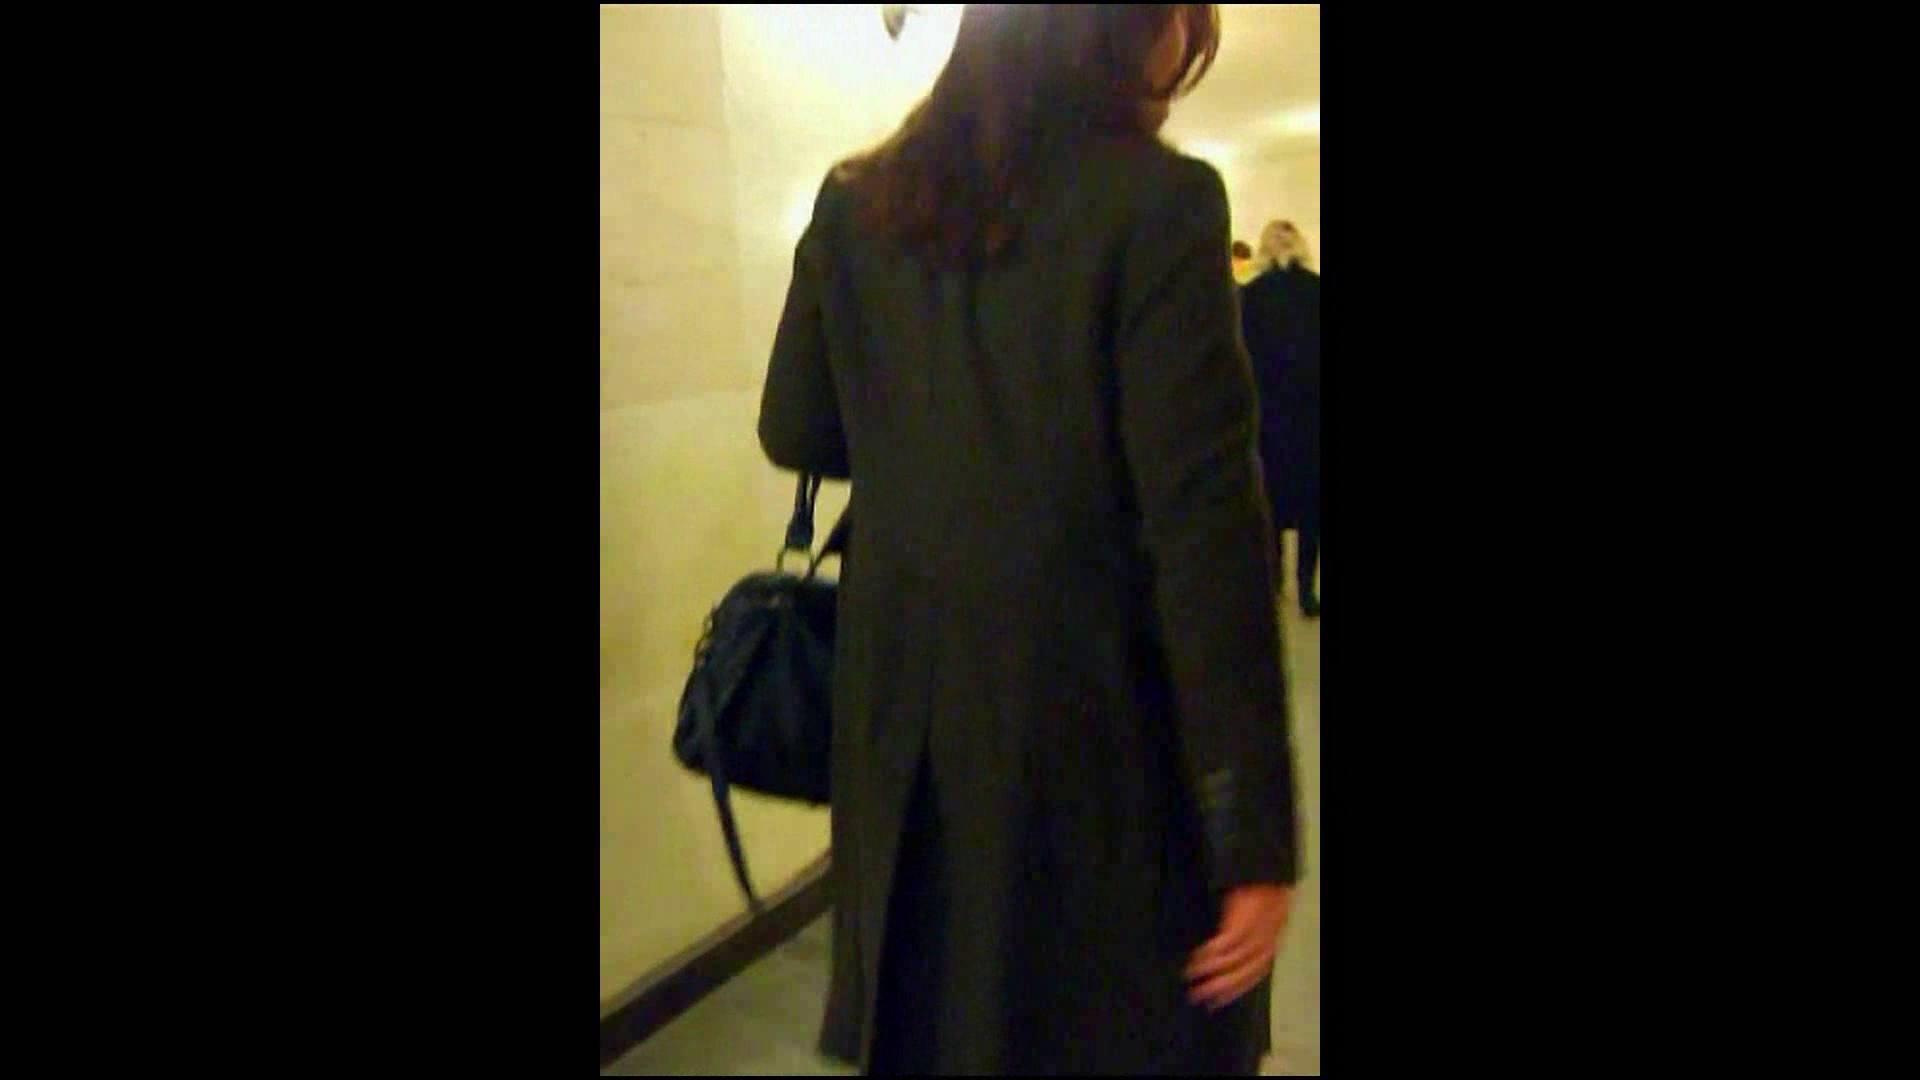 綺麗なモデルさんのスカート捲っちゃおう‼vol05 超エロモデル | 超エロお姉さん  98枚 67